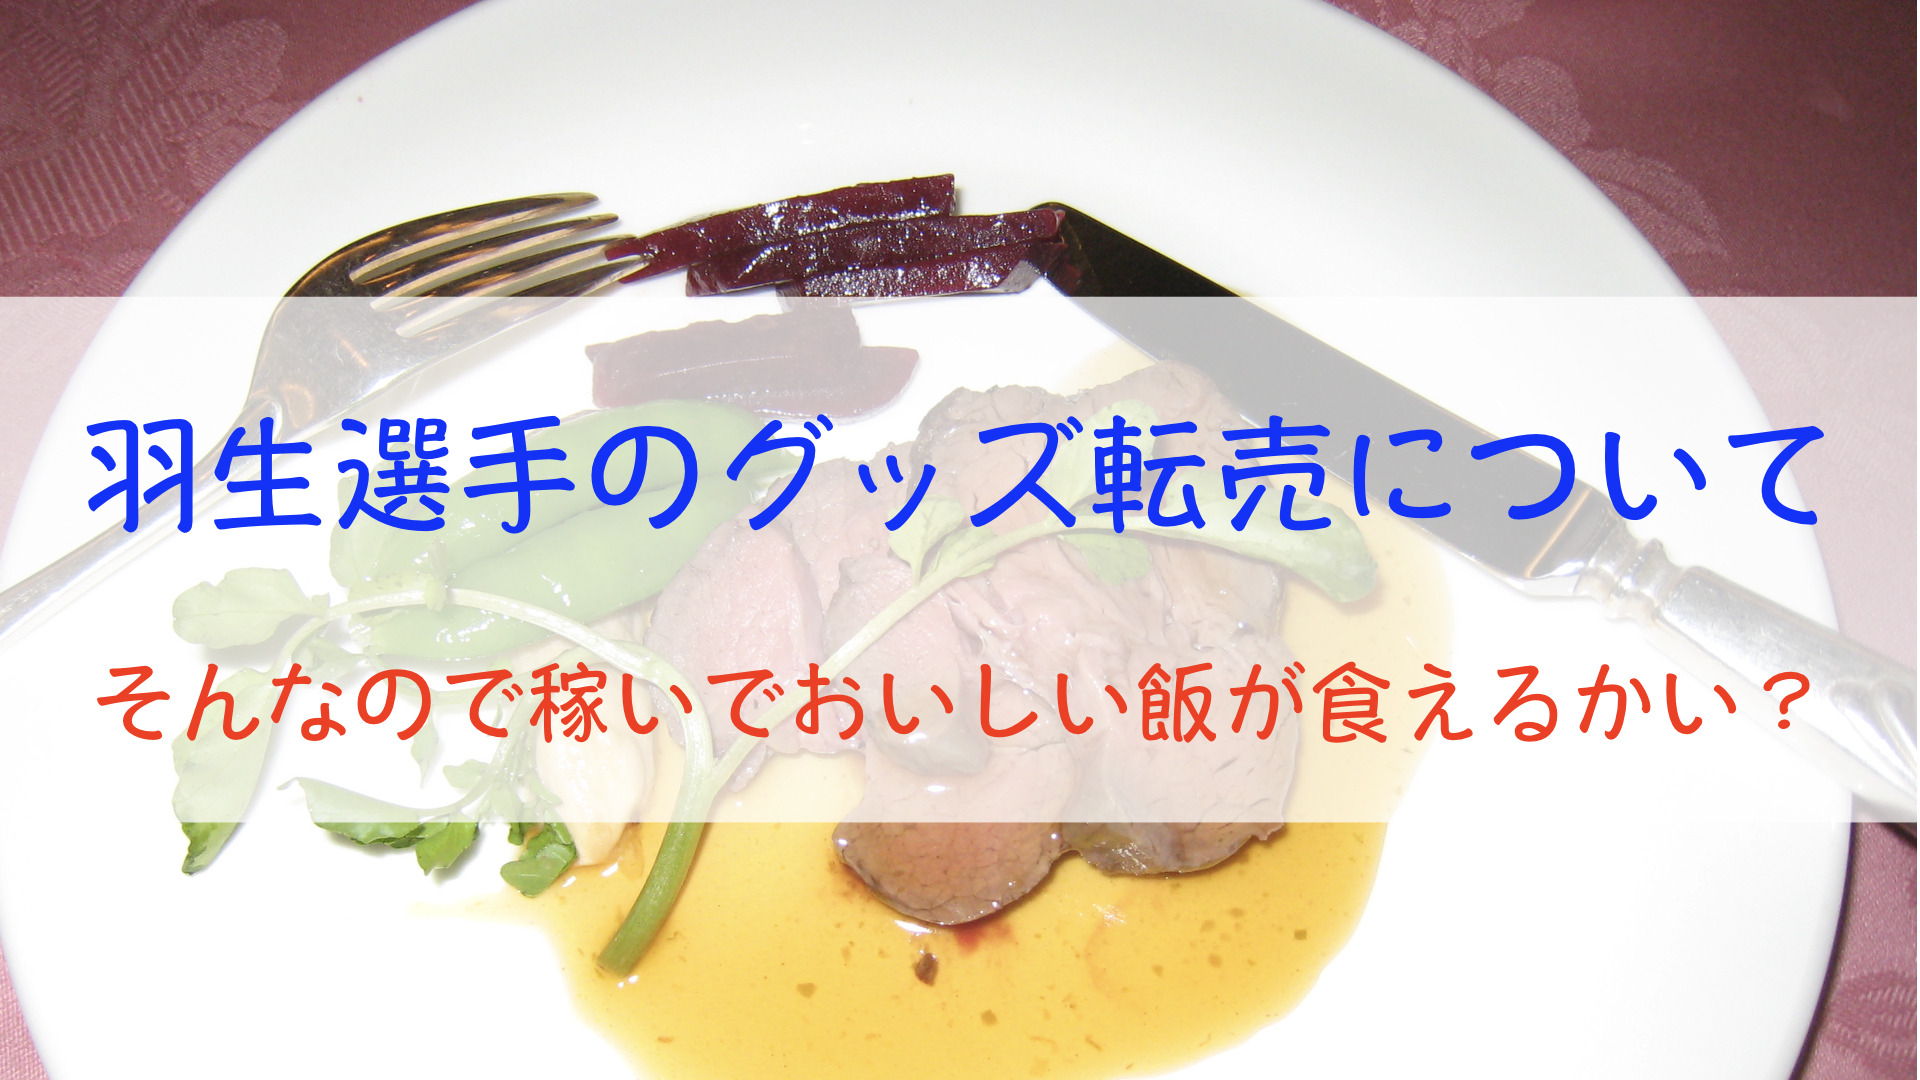 羽生選手のグッズ転売がヤバイ!!